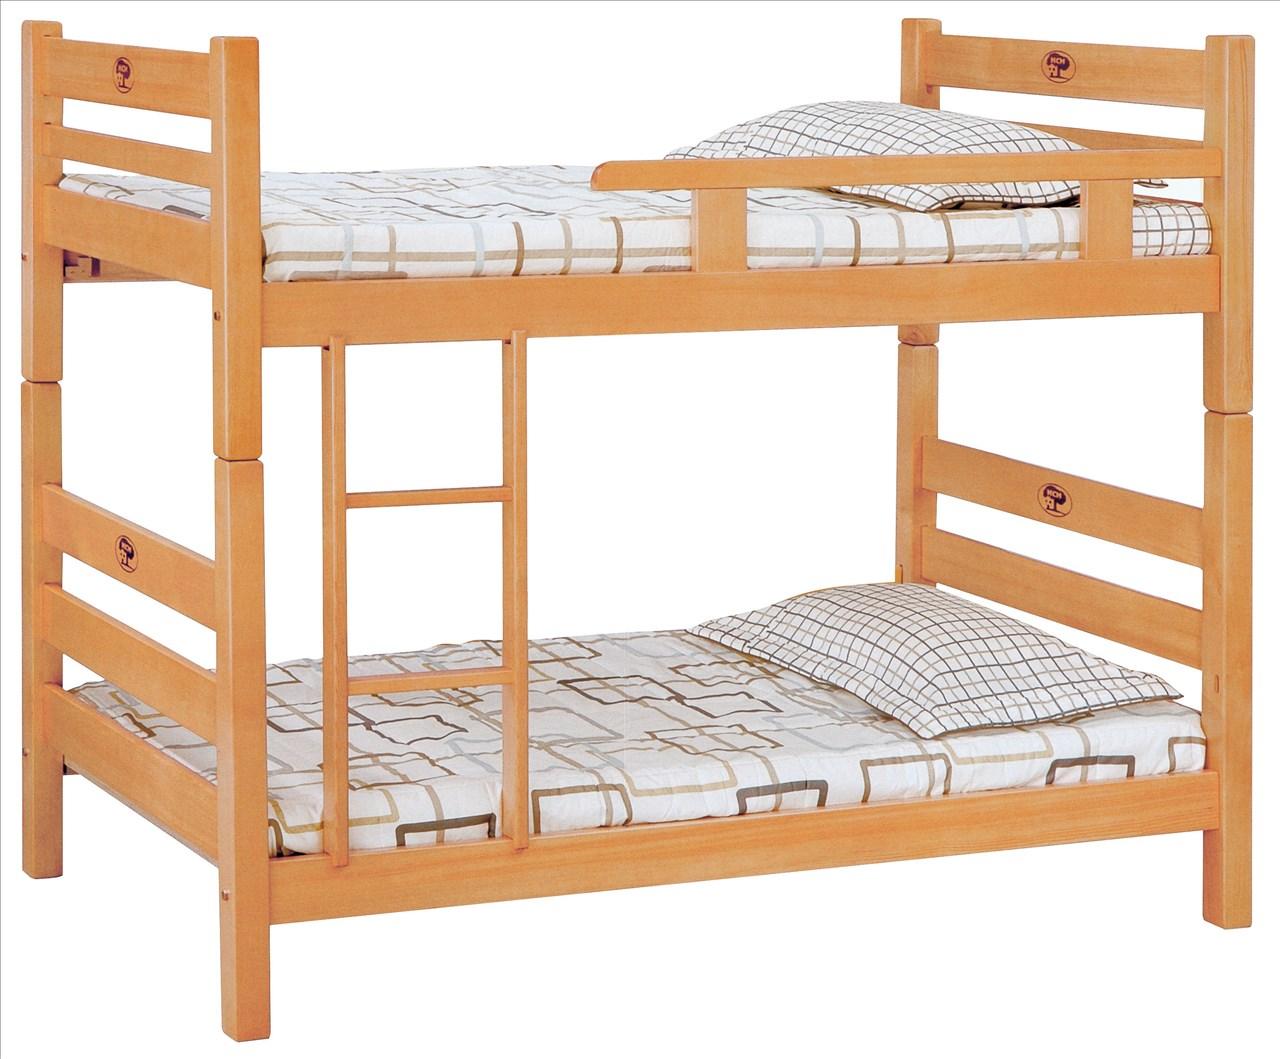 【石川家居】EF-114-1 貝克檜木色3尺單欄雙層床 (不含其他商品) 大需搭配車趟